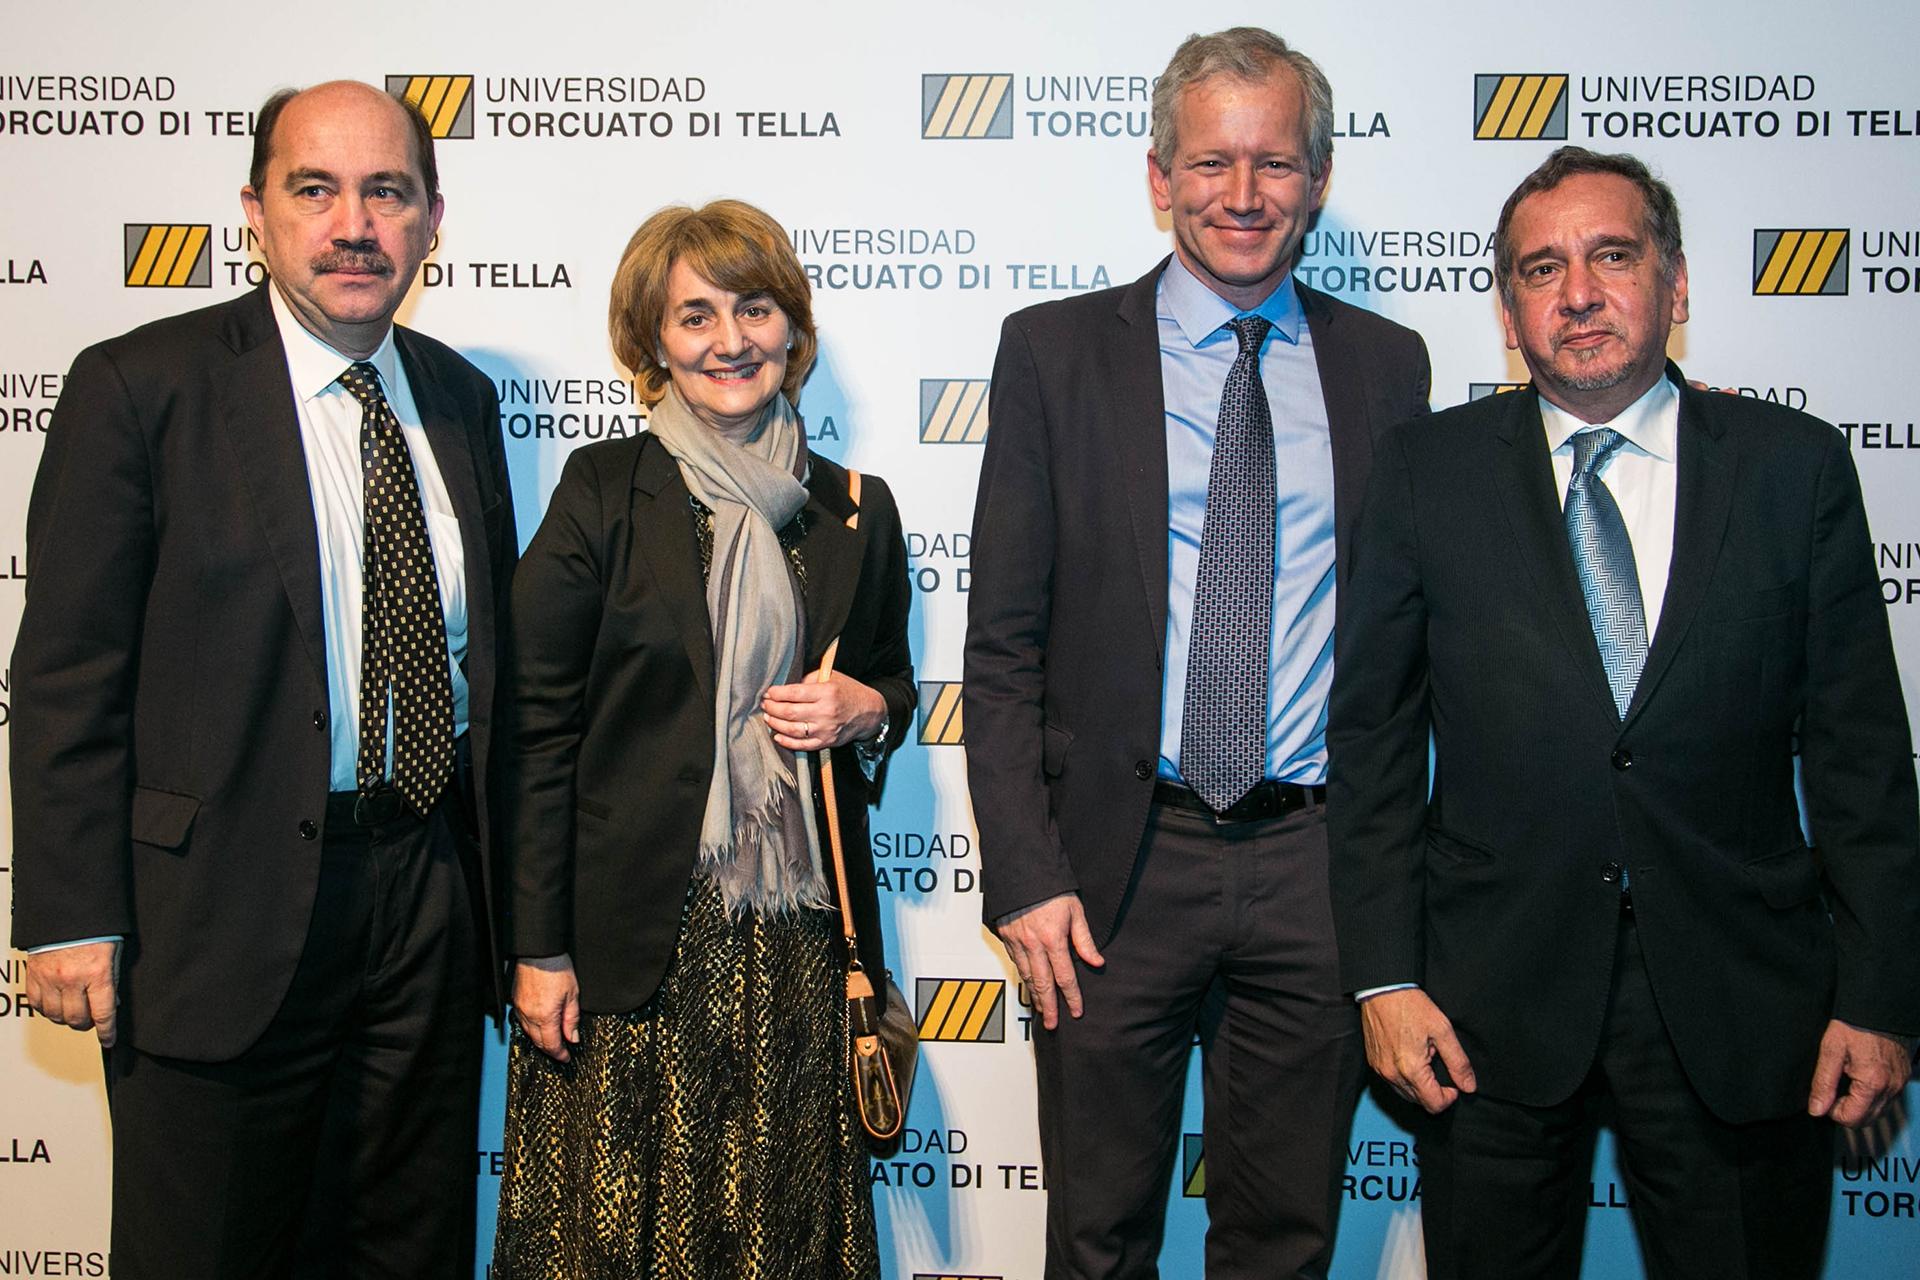 El presidente del Banco Ciudad, Javier Ortiz Batalla, Graciela Cairoli, Ernesto Schargrodsky y Lino Barañao, ministro de la cartera de Ciencia, Tecnología e Innovación Productiva